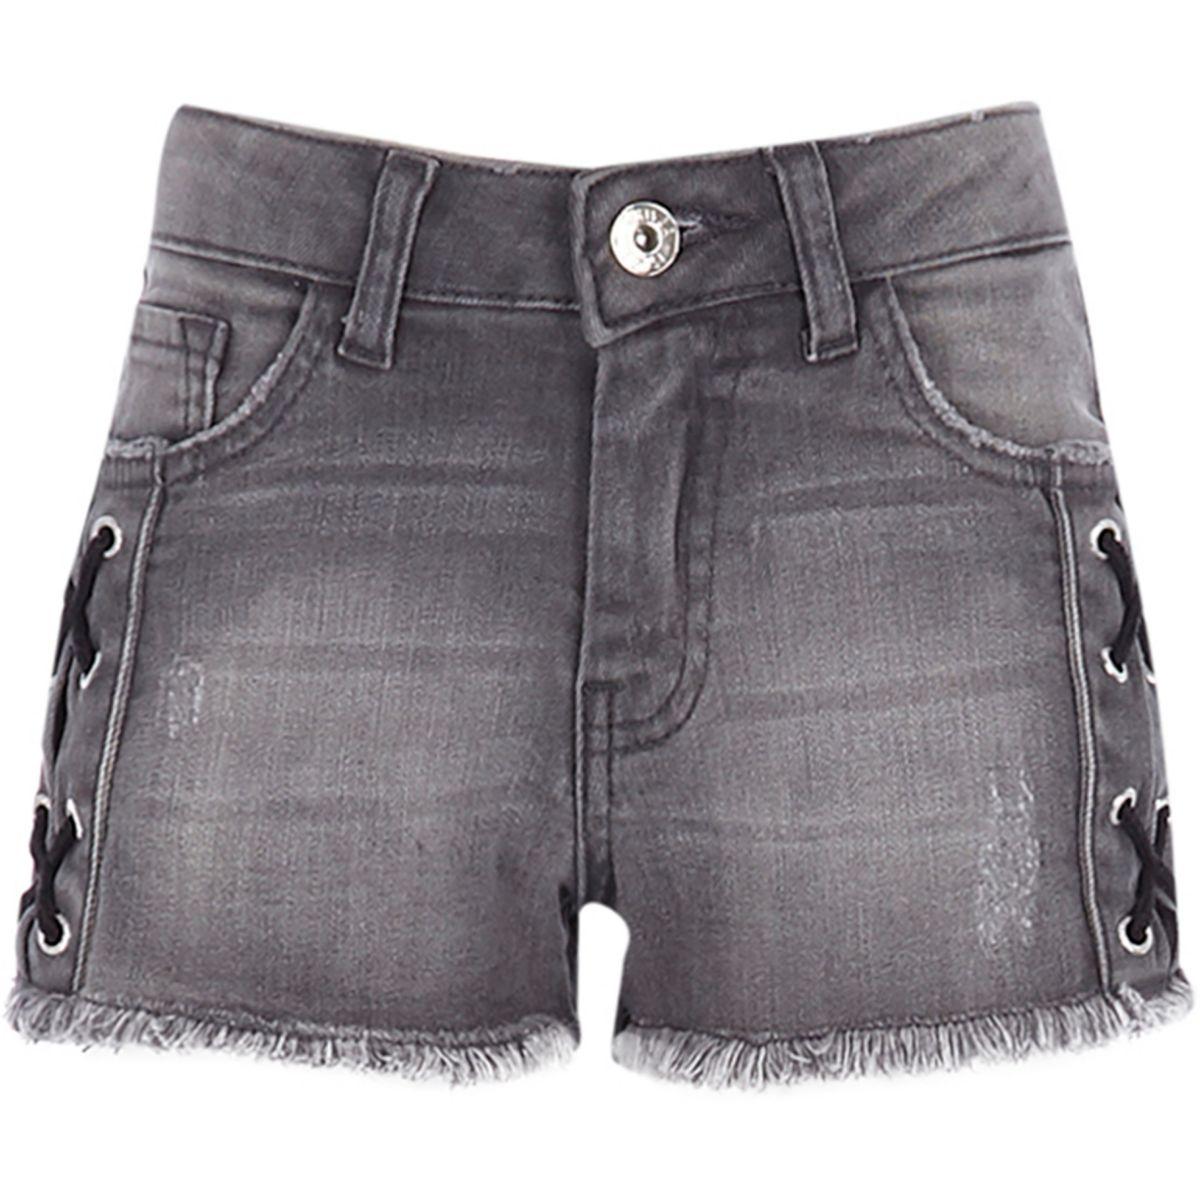 Girls washed black eyelet denim shorts